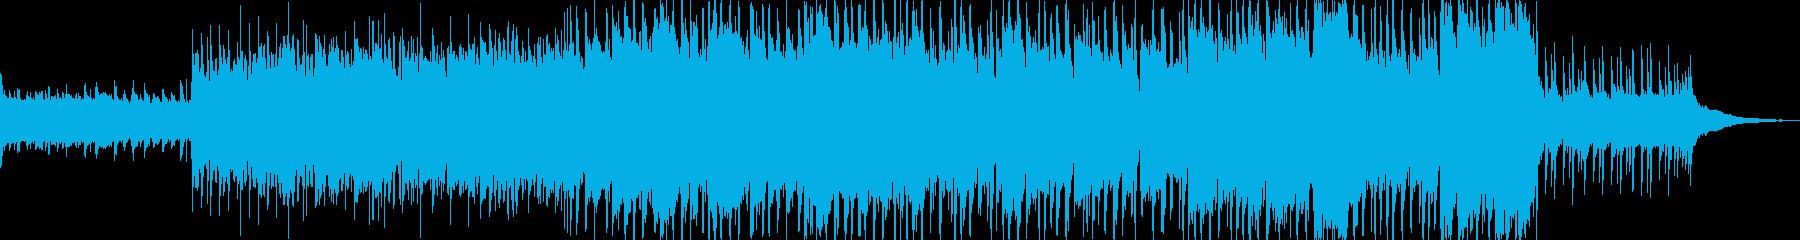 明るく前向なアコースティックポップスの再生済みの波形